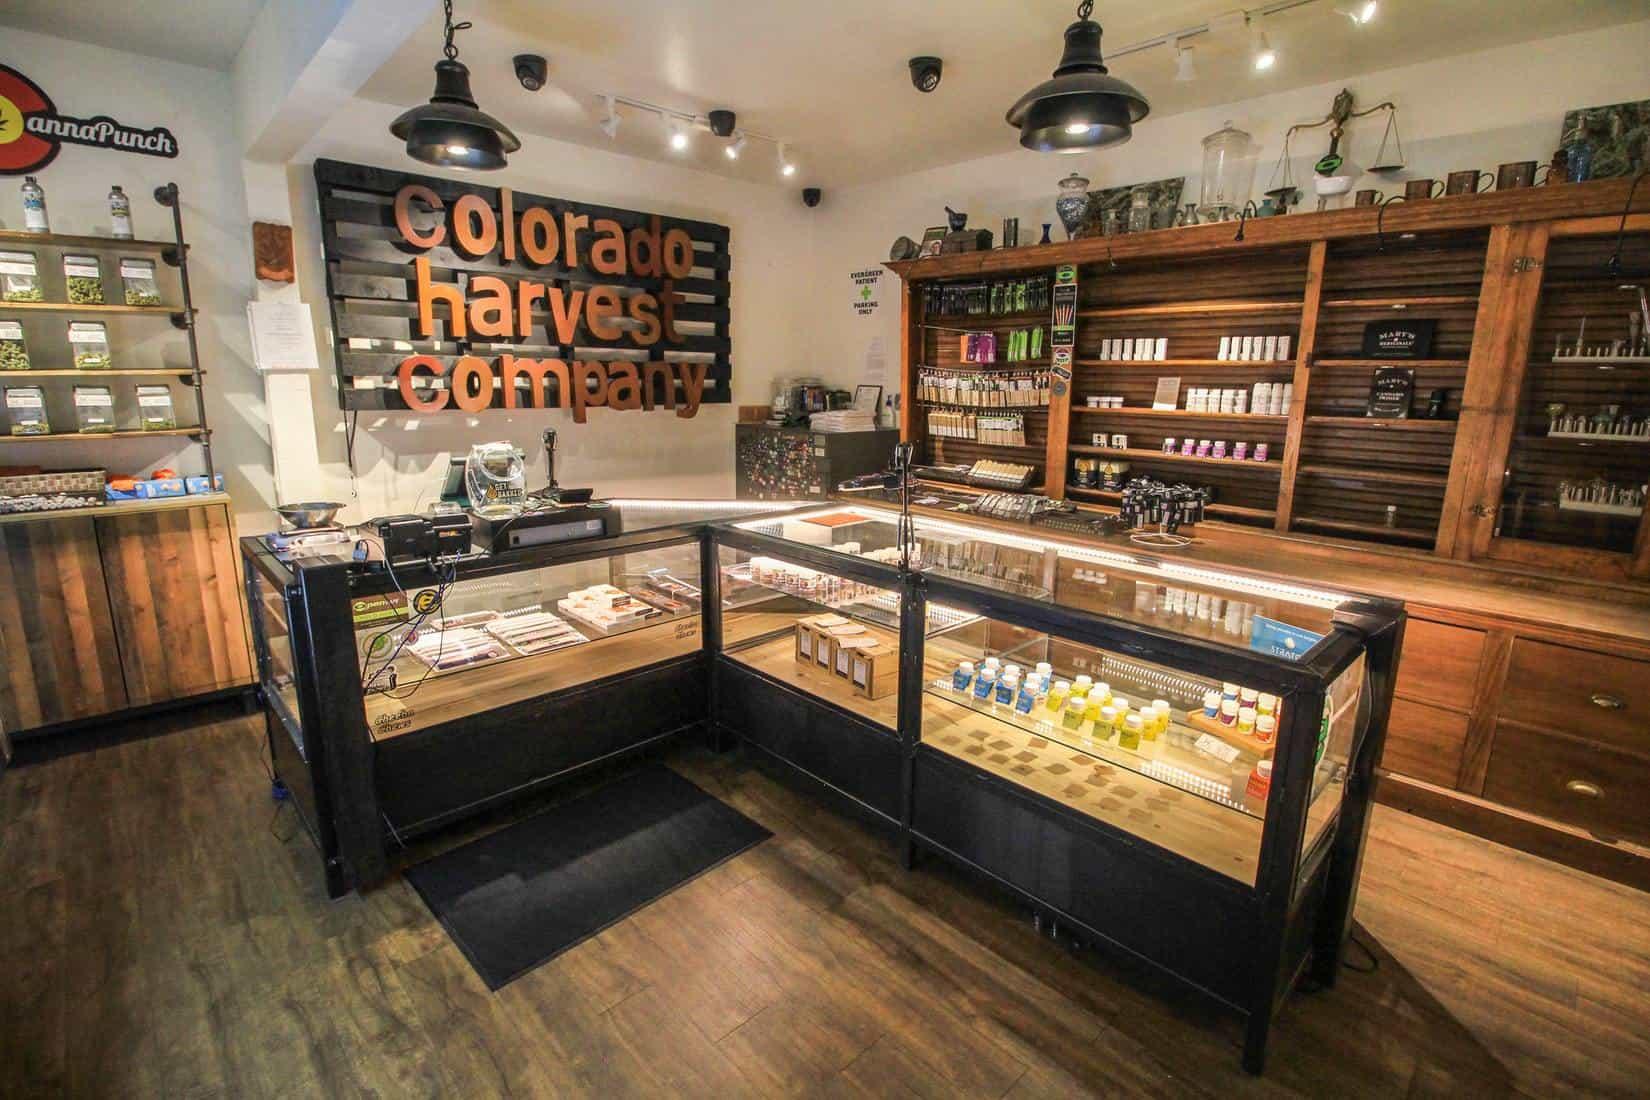 Colorado Has Made More Than $1 Billion From Marijuana Sales. A Colorado dispensary inside view.